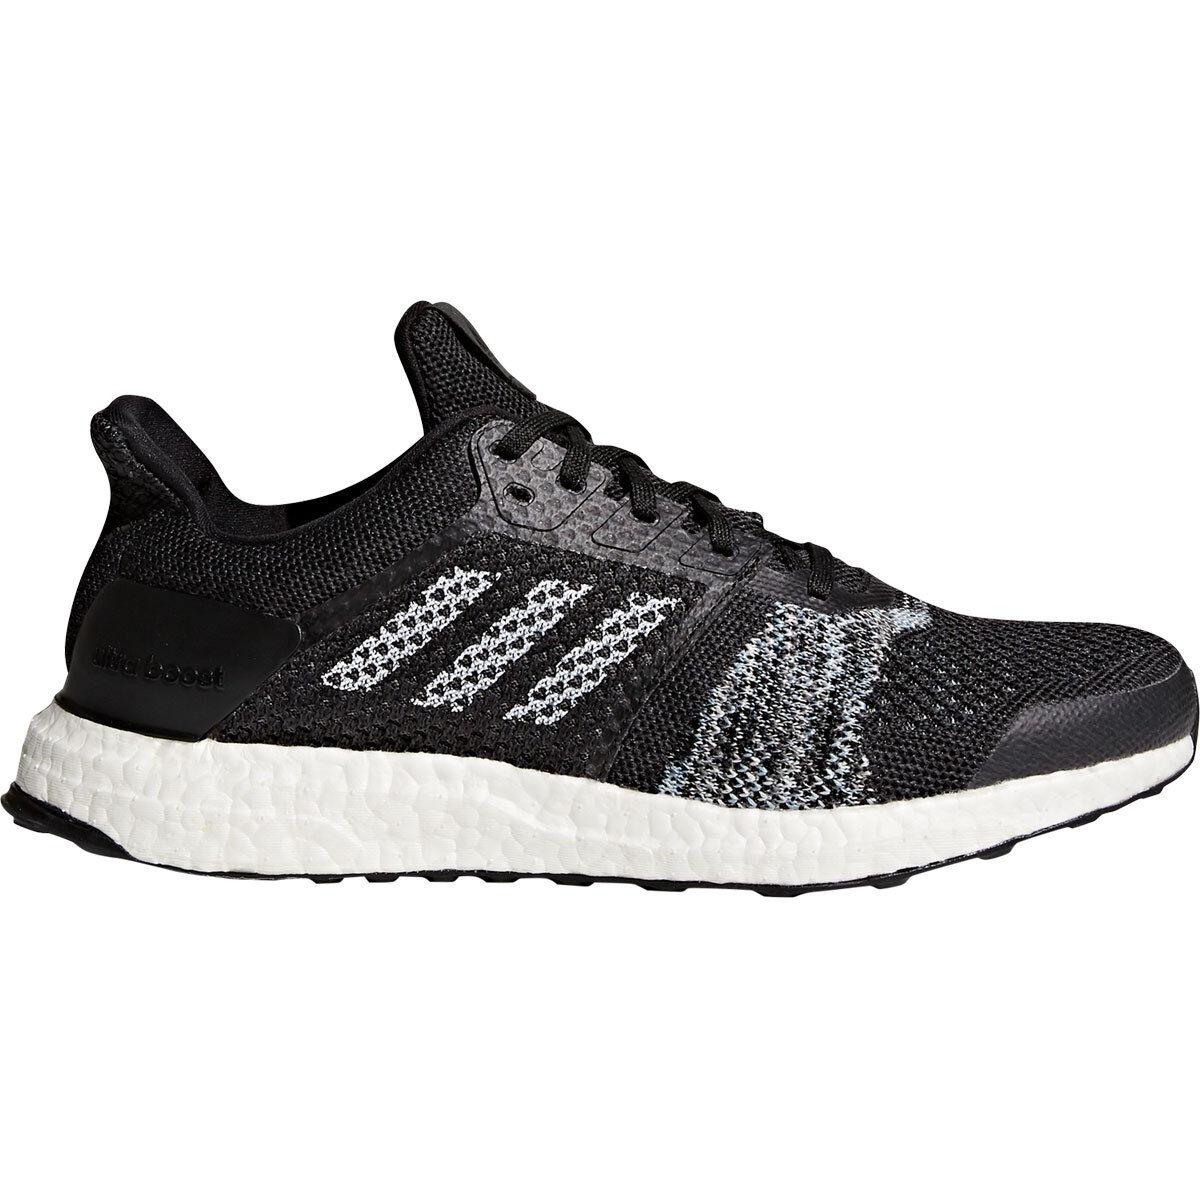 Nuevas Adidas Ultra Boost St St Boost Hombre Para Correr/fitness/entrenamiento/corredores Zapatos CQ2144 698de2